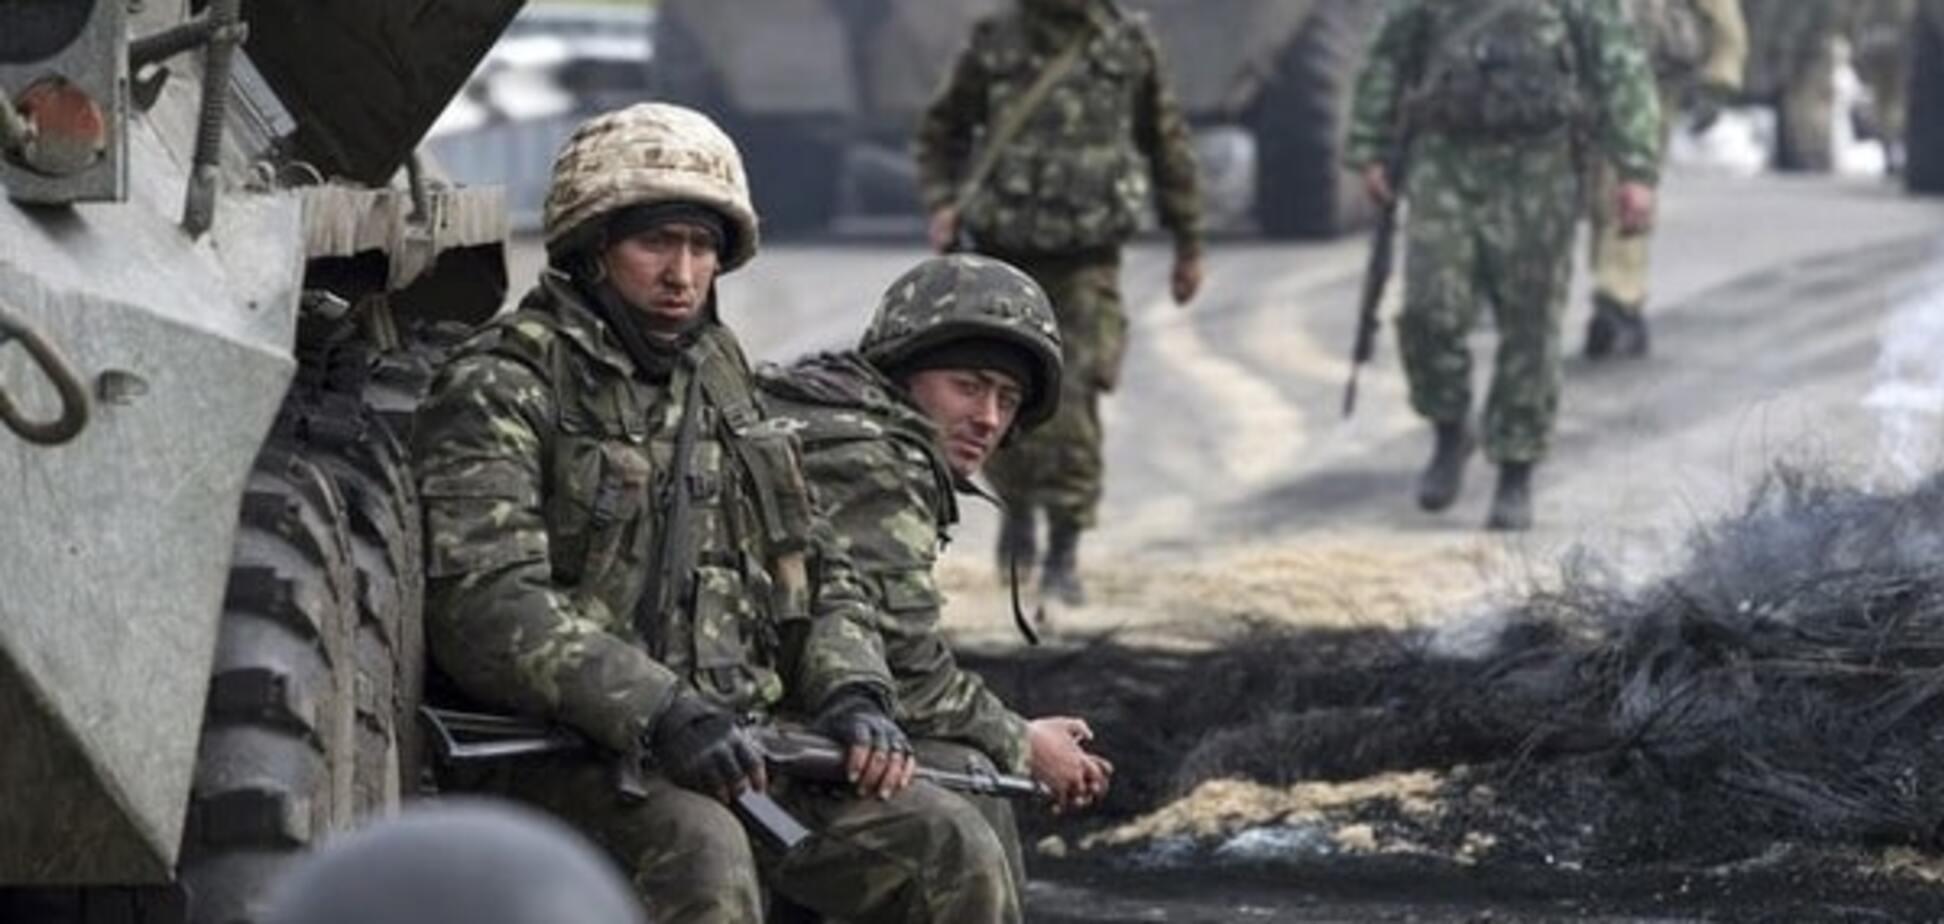 АТО: українські військові вичислили снайперів терористів і відбили важкі атаки